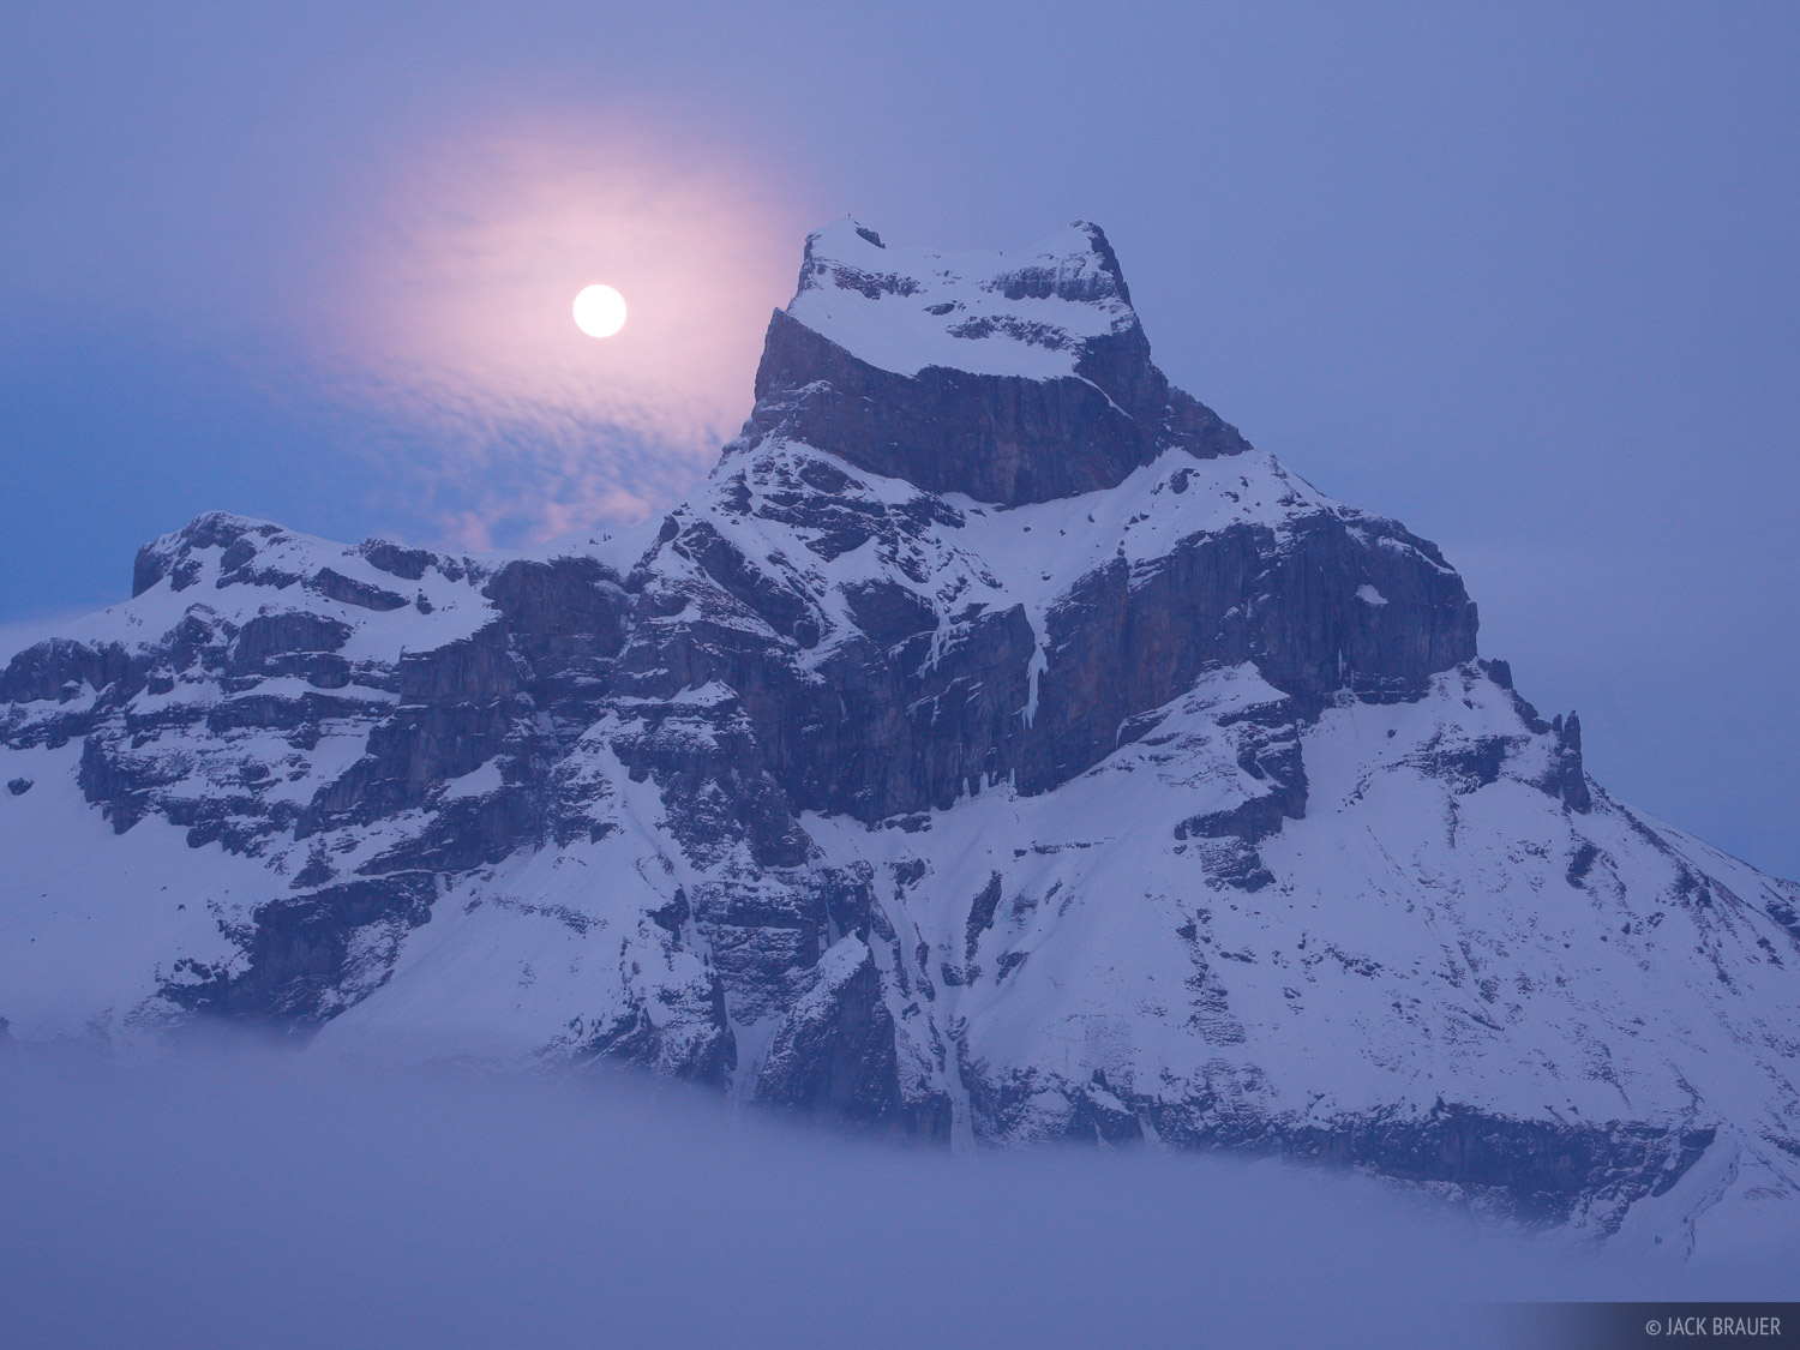 Hahnen, Engelberg, Switzerland, moon, Urner, photo